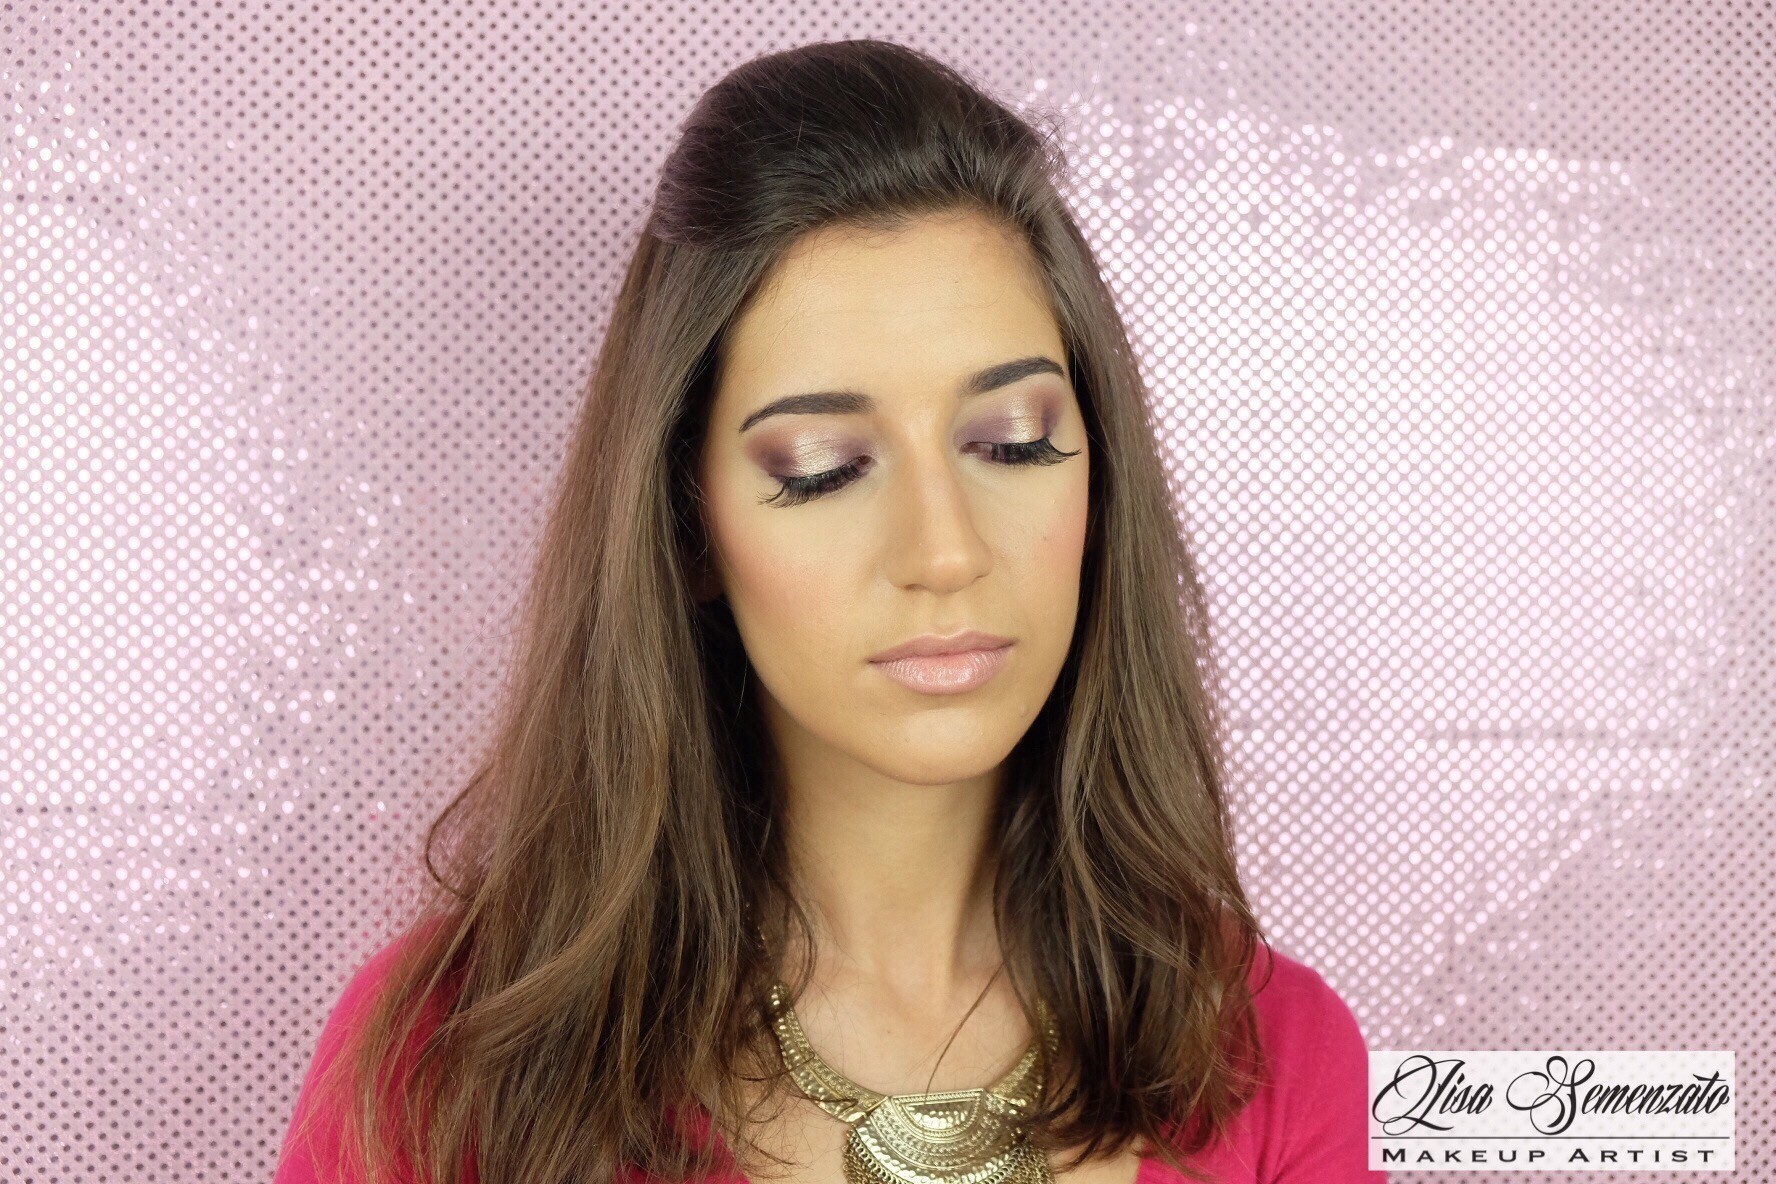 venice-movies-makeup-artist